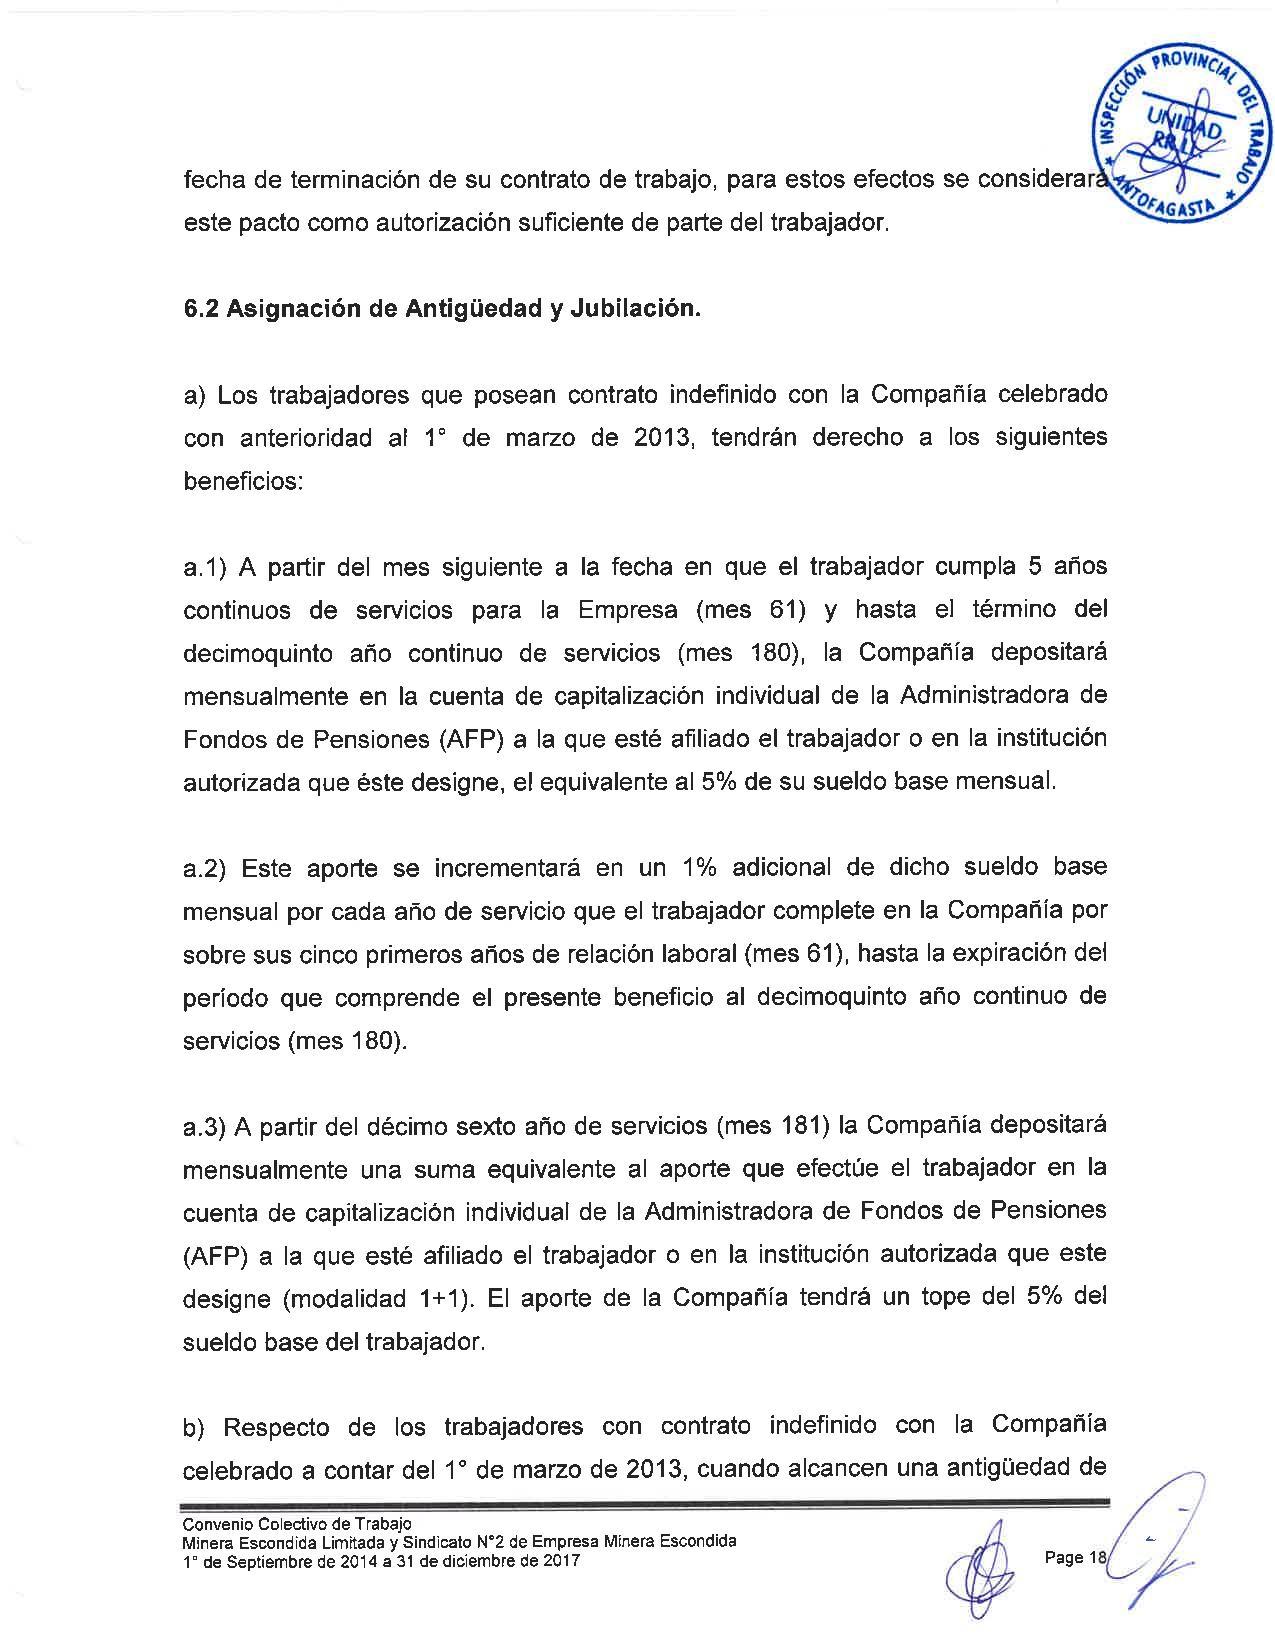 Página (18).jpg